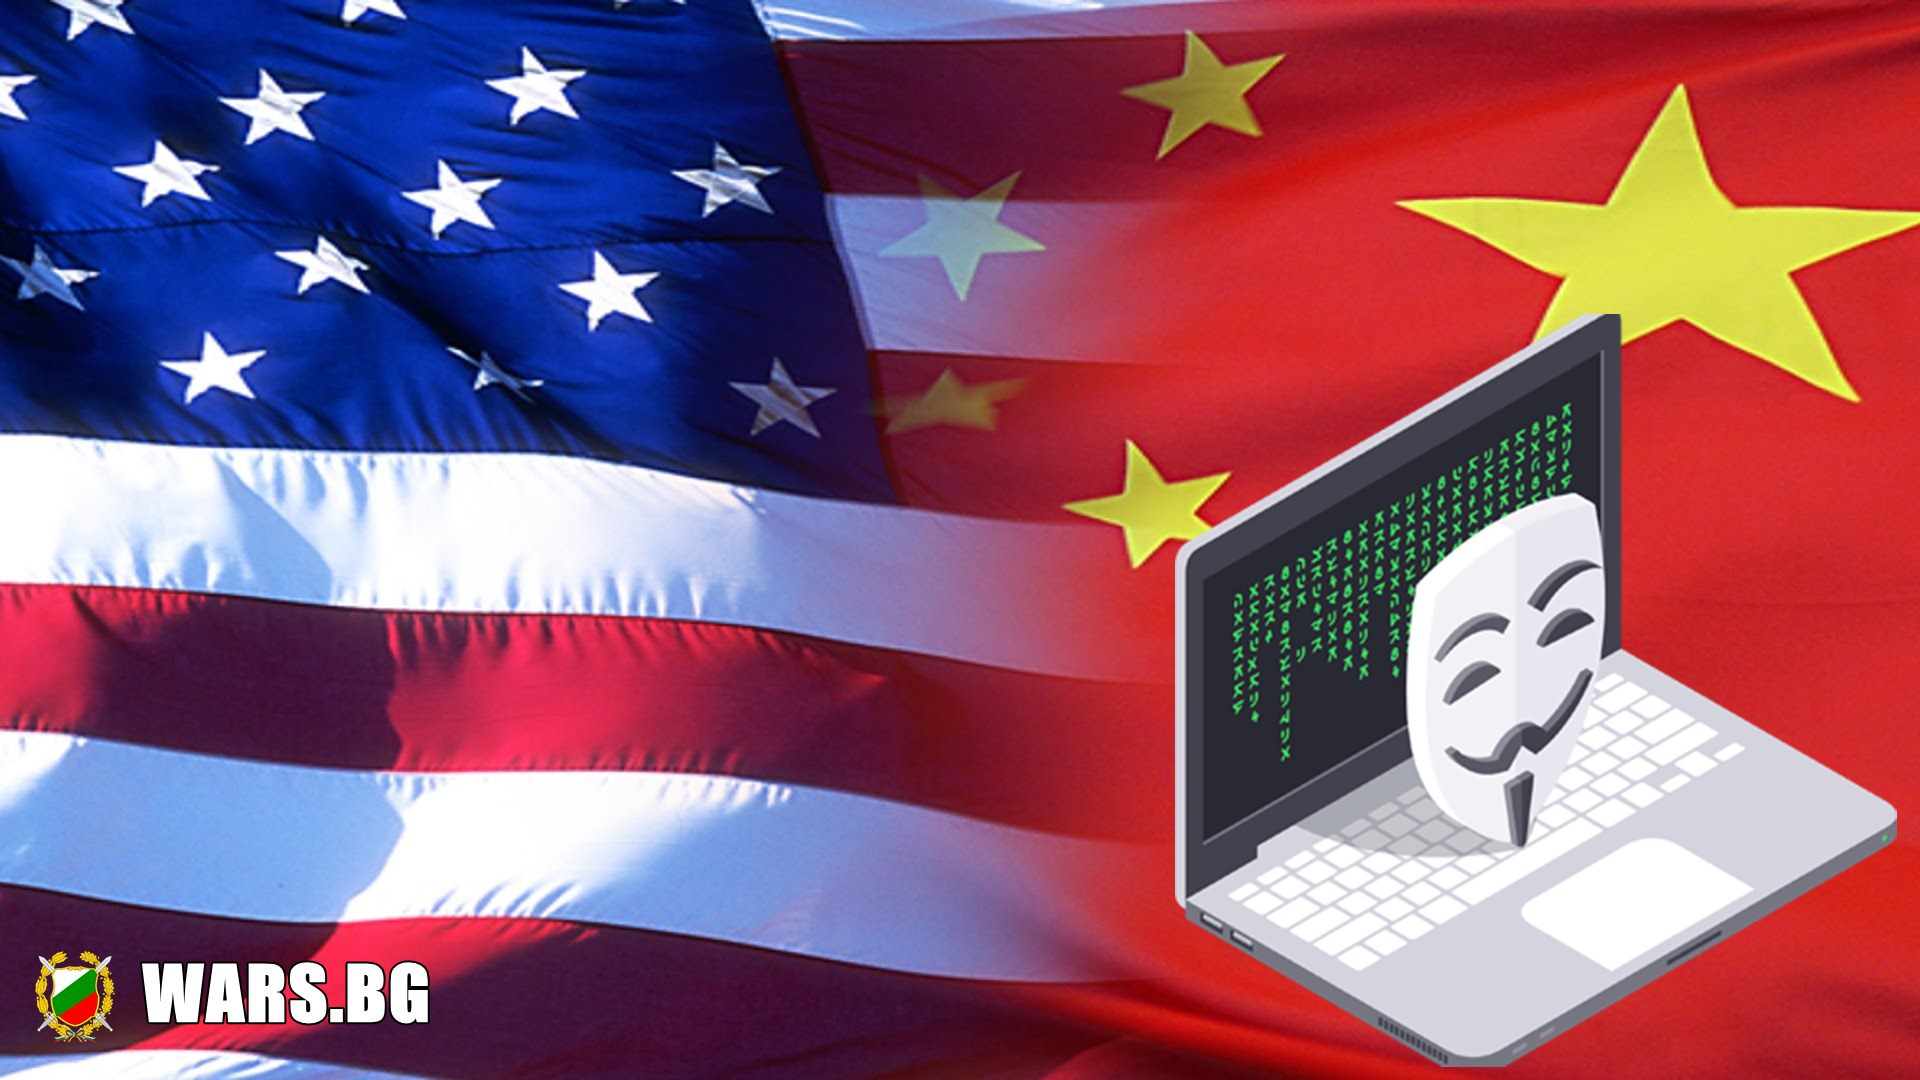 Китайски хакери са откраднали планове на САЩ за подводна война